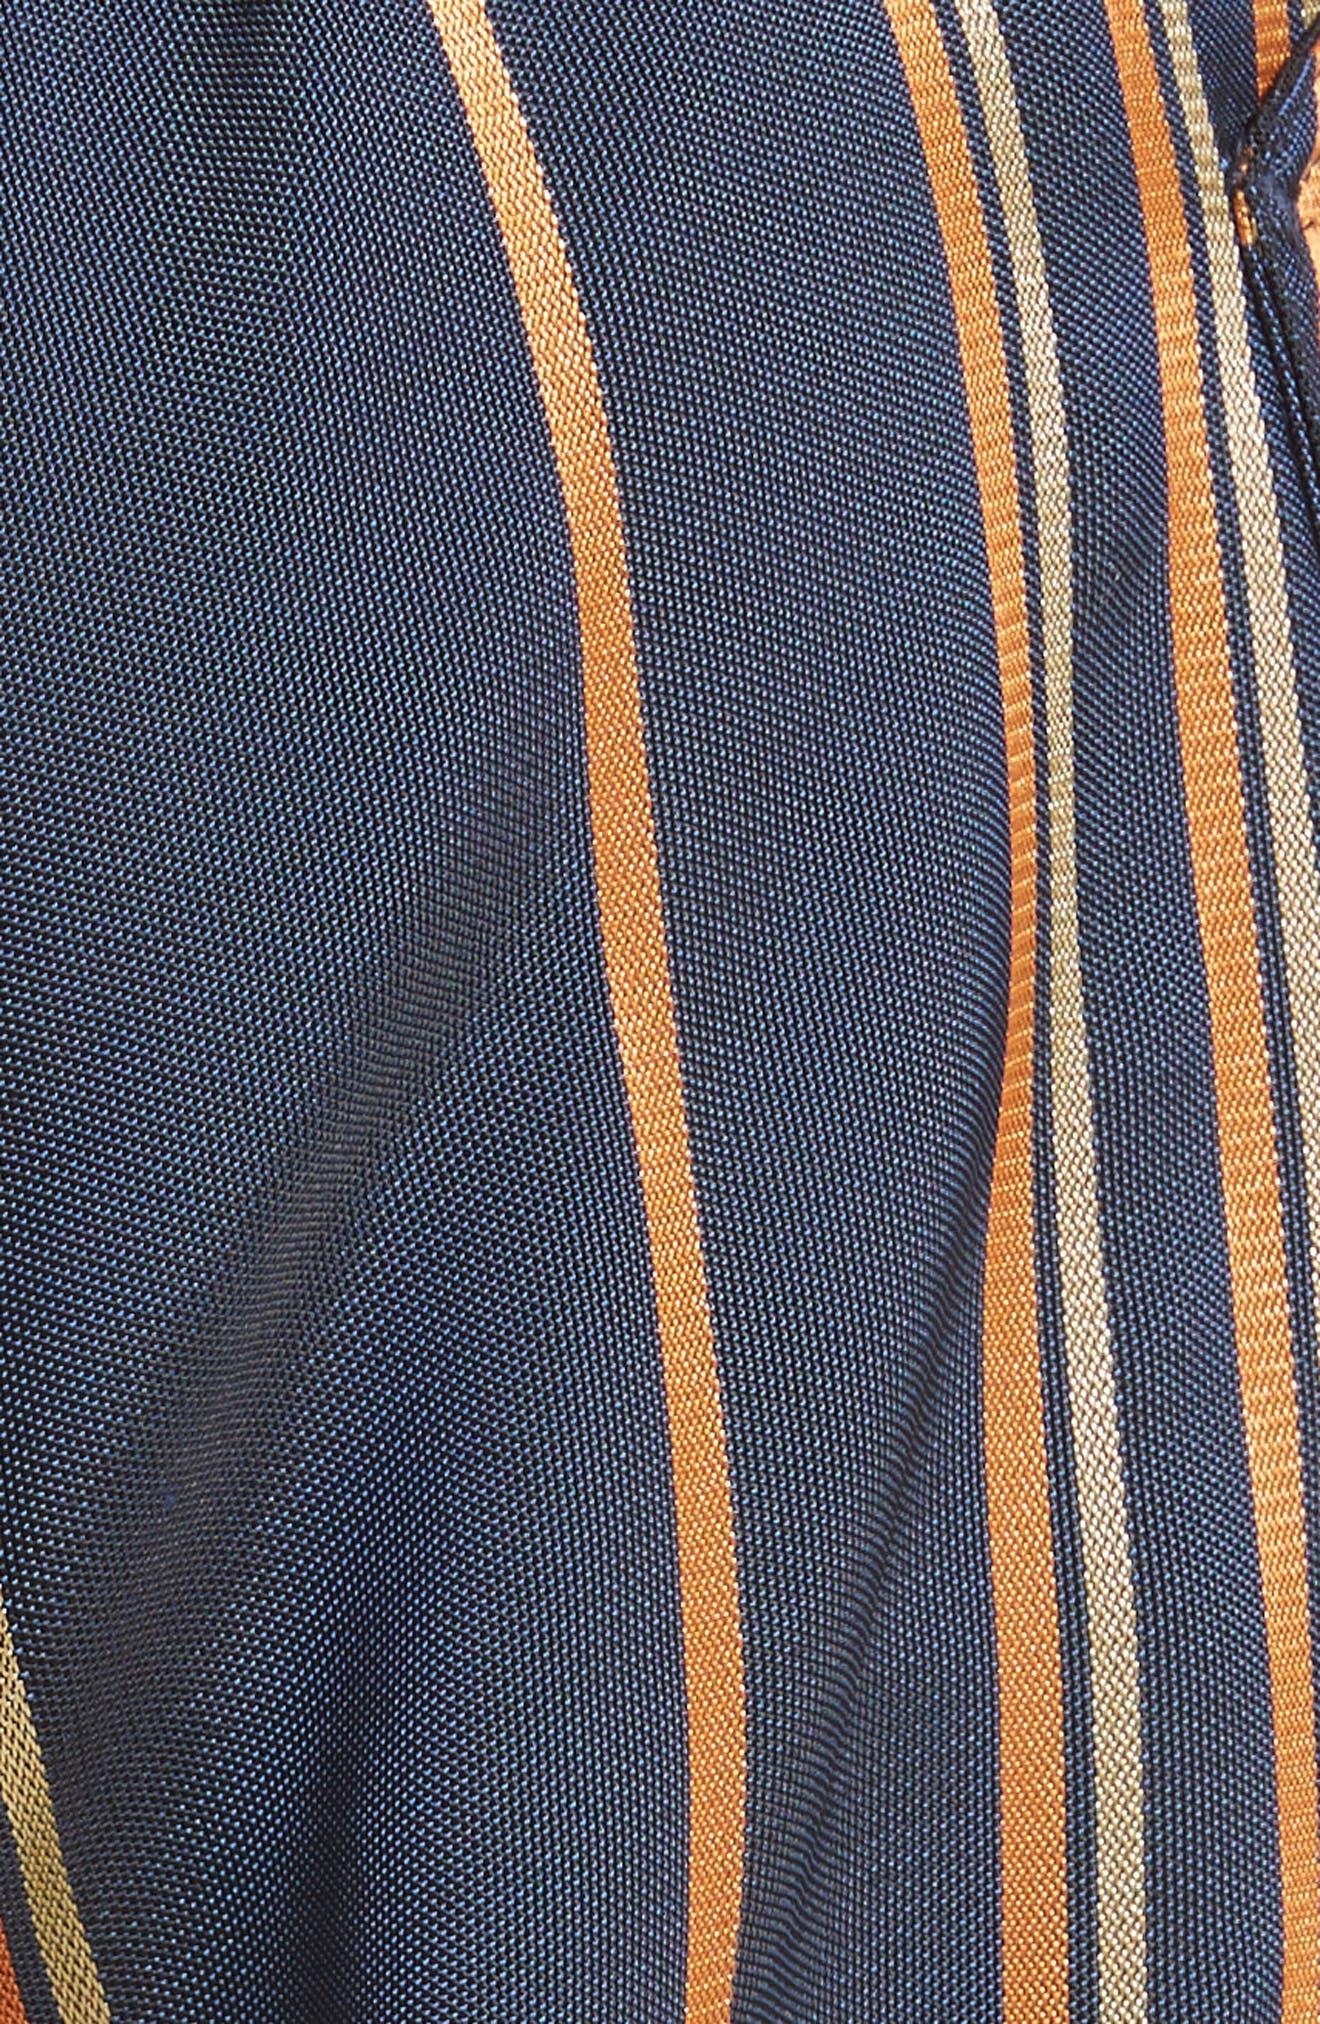 Stripe Pants,                             Alternate thumbnail 7, color,                             Mykonos/Papaya